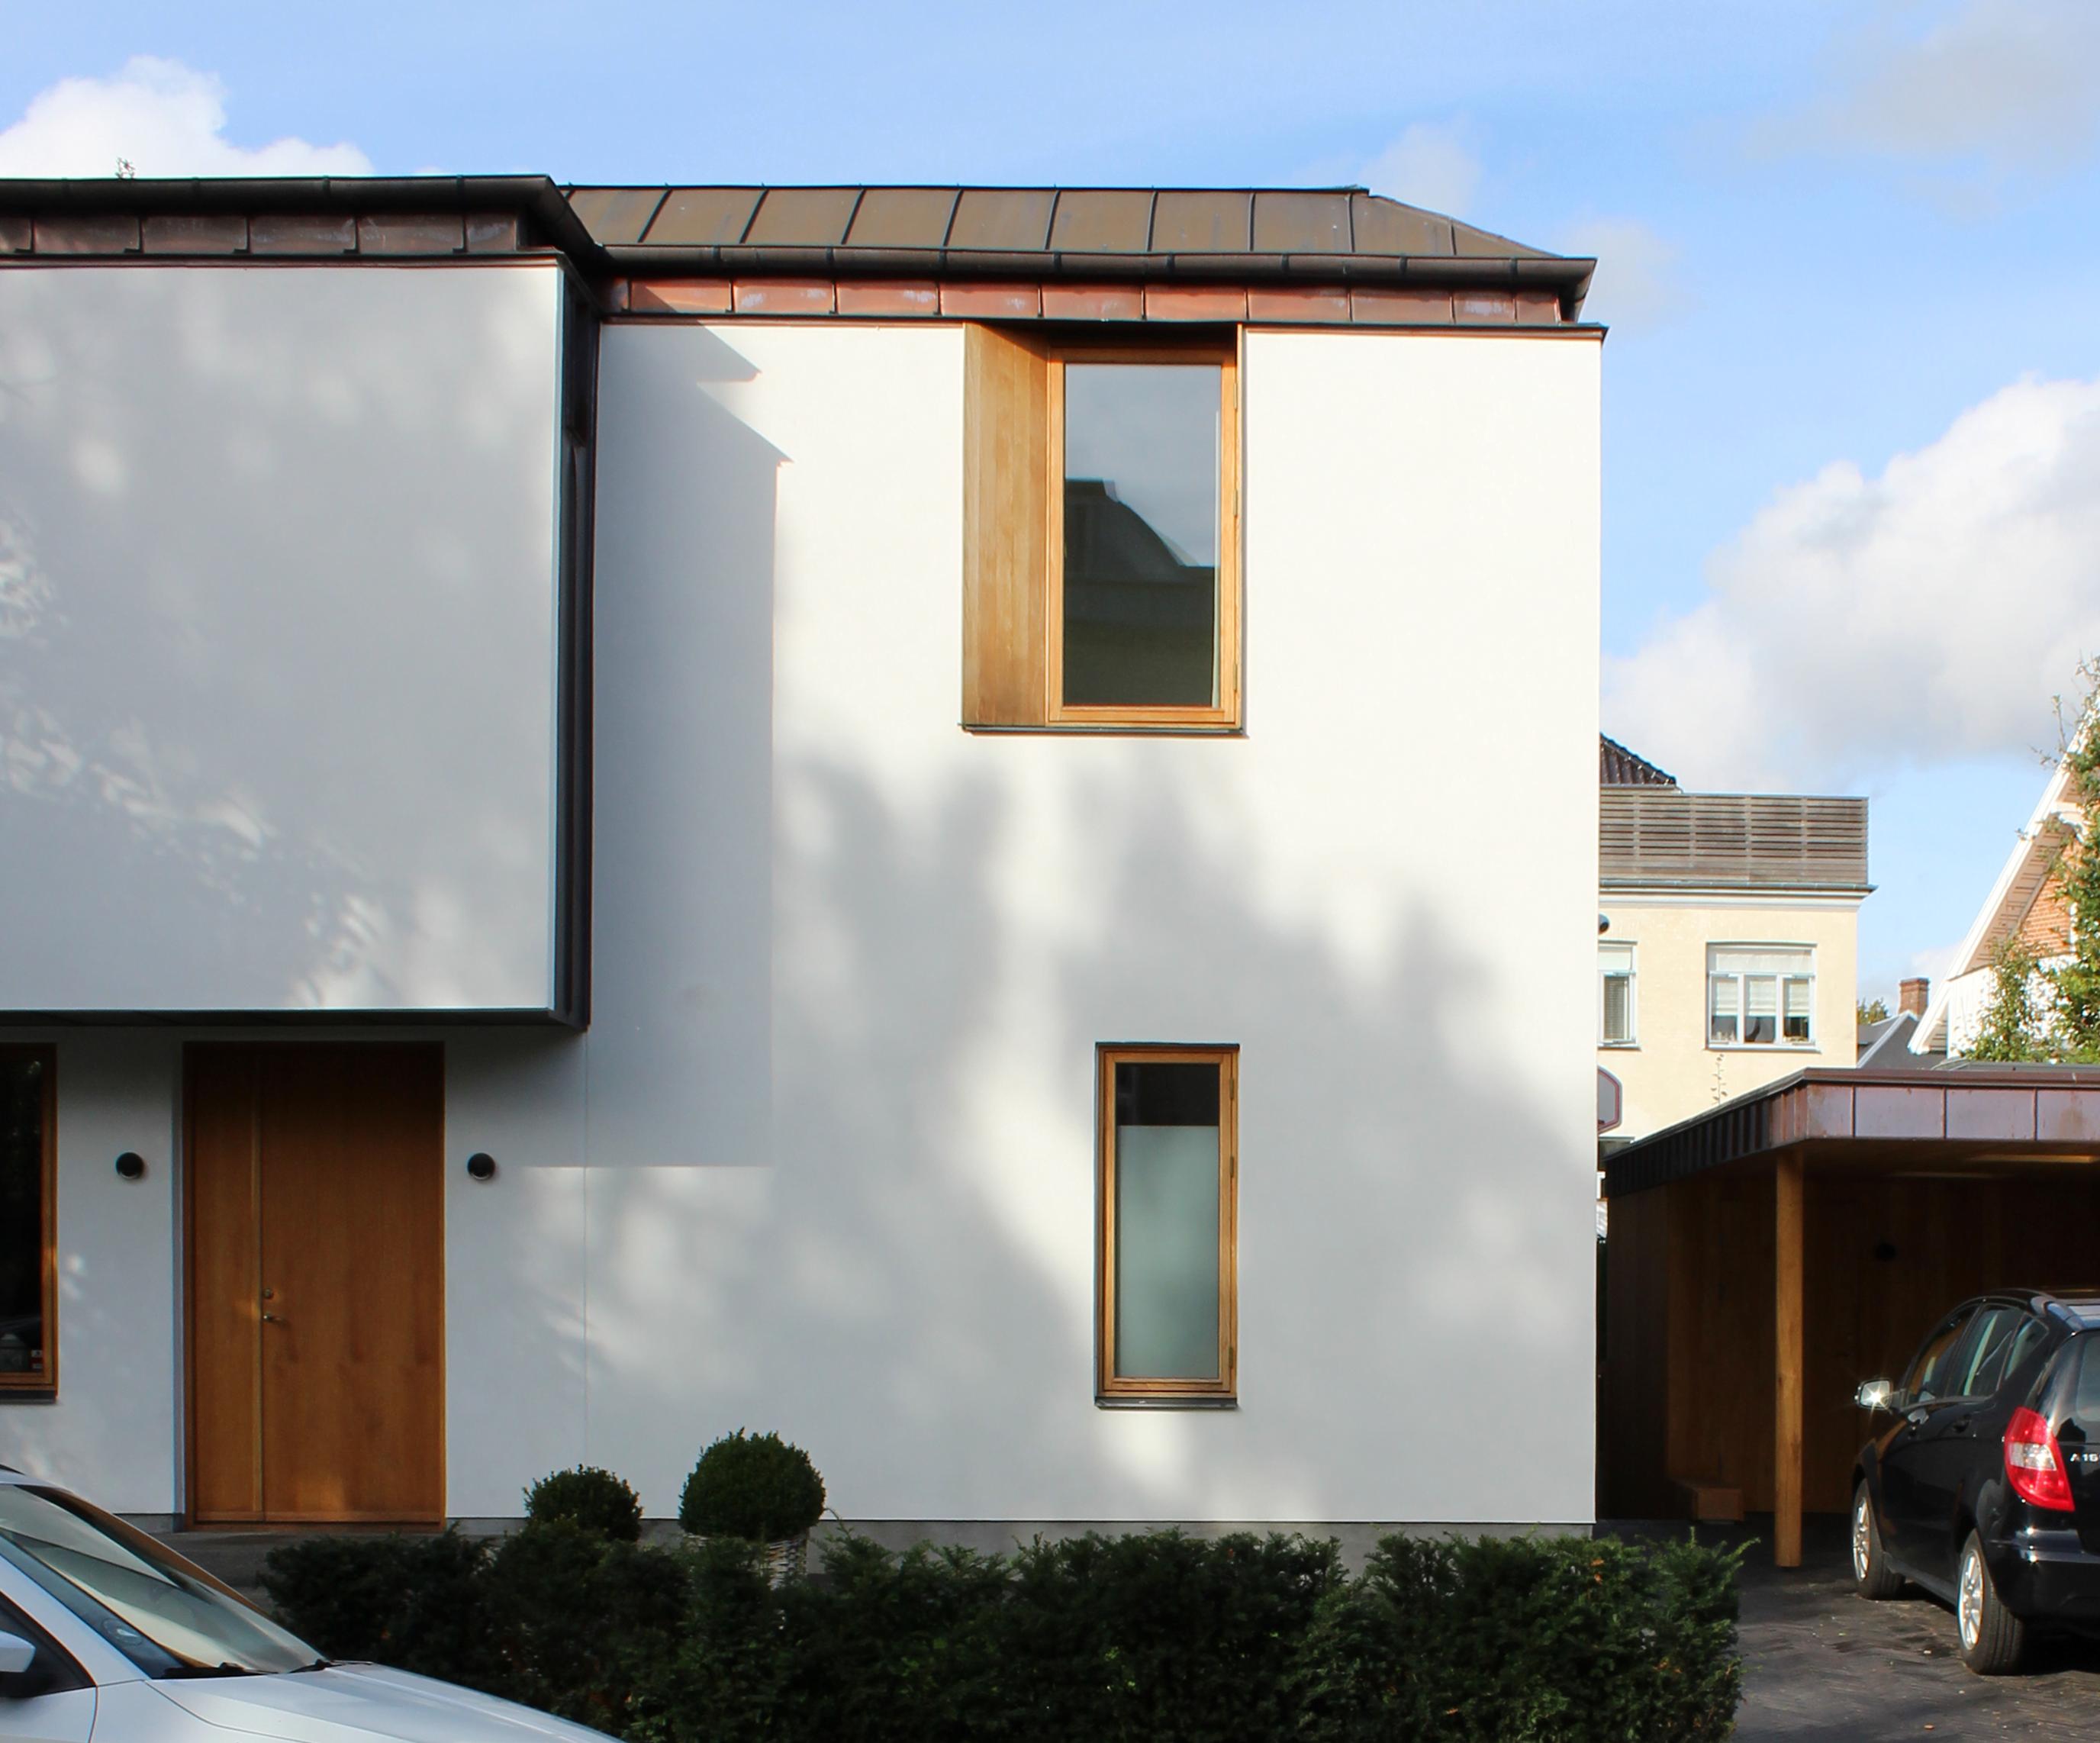 Ceresvej - Fassadendetail einer privaten Villa